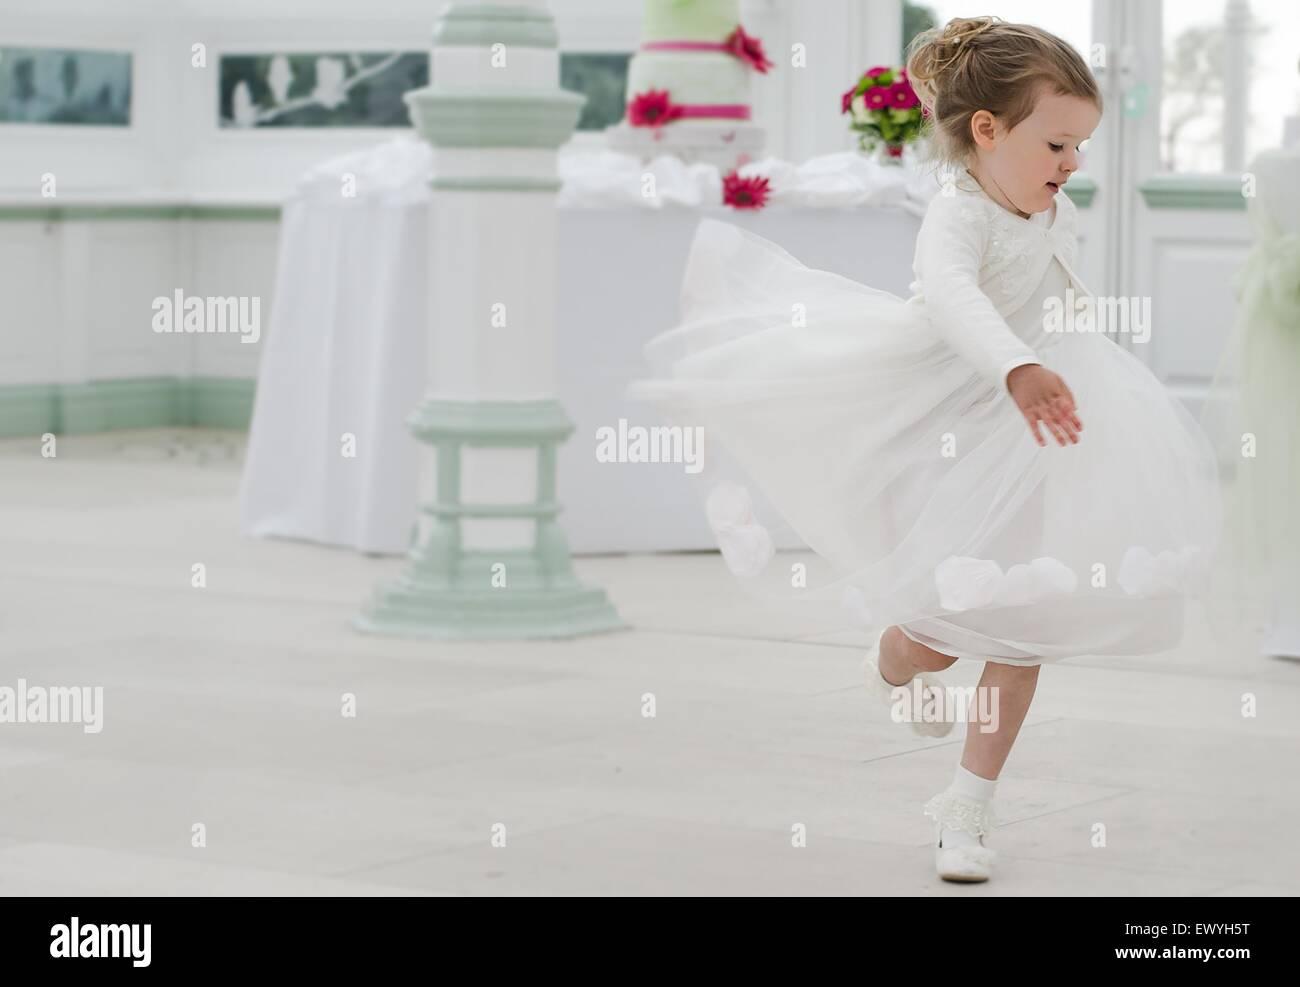 La danse de demoiselle d'honneur à un mariage Photo Stock